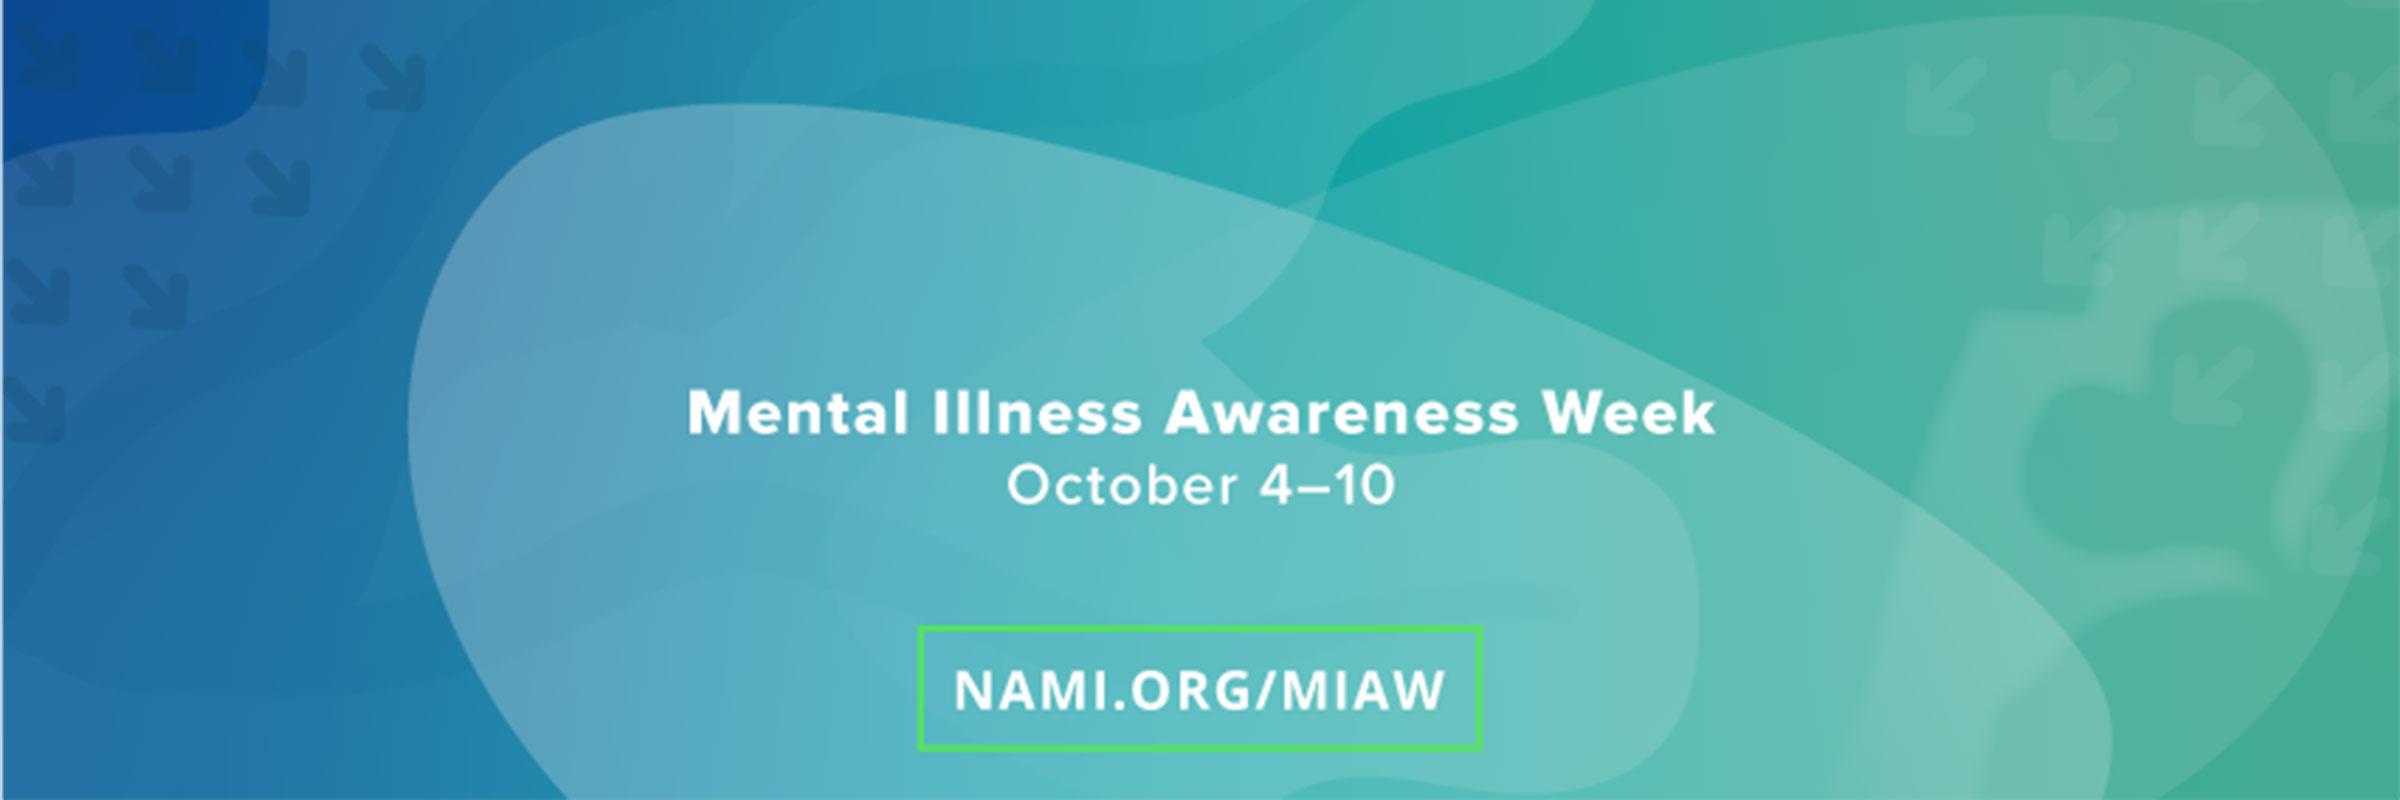 10-mental-health-awareness